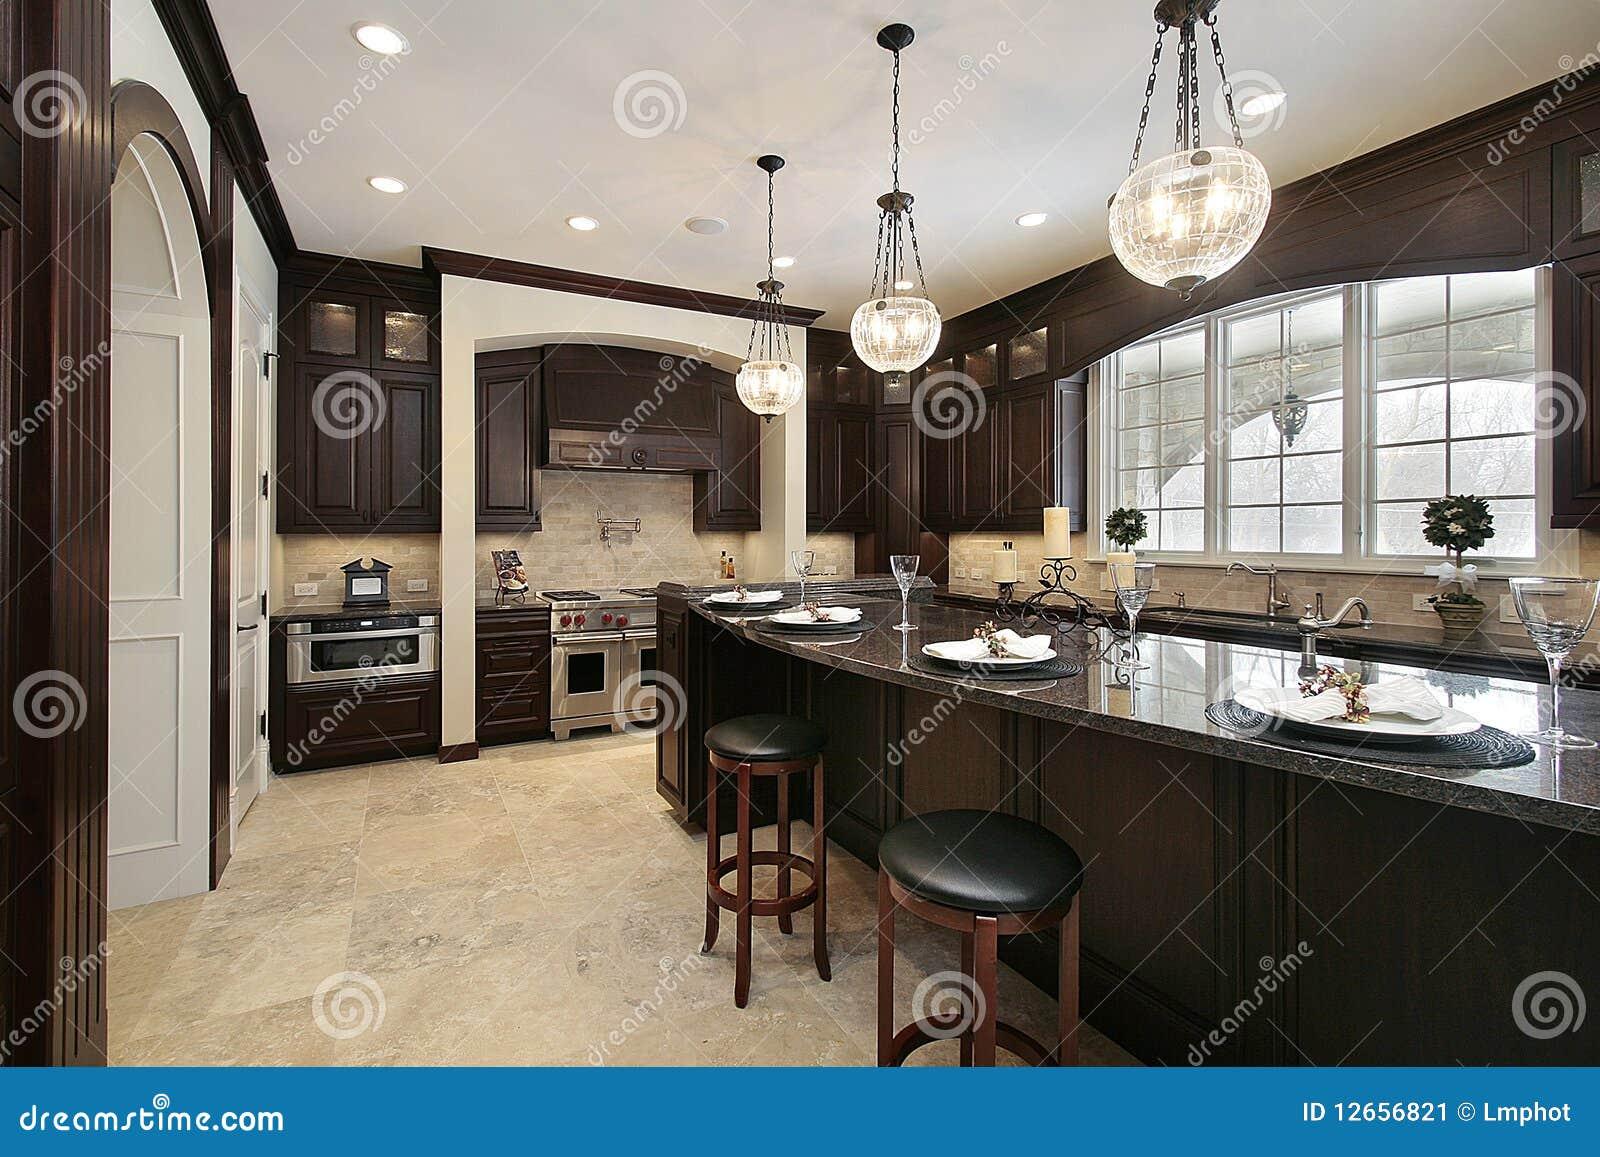 #85A922 Cozinha Com Console Do Granito Imagem de Stock Imagem: 12656821 1300x957 px Melhoria Home Da Cozinha_10 Imagens